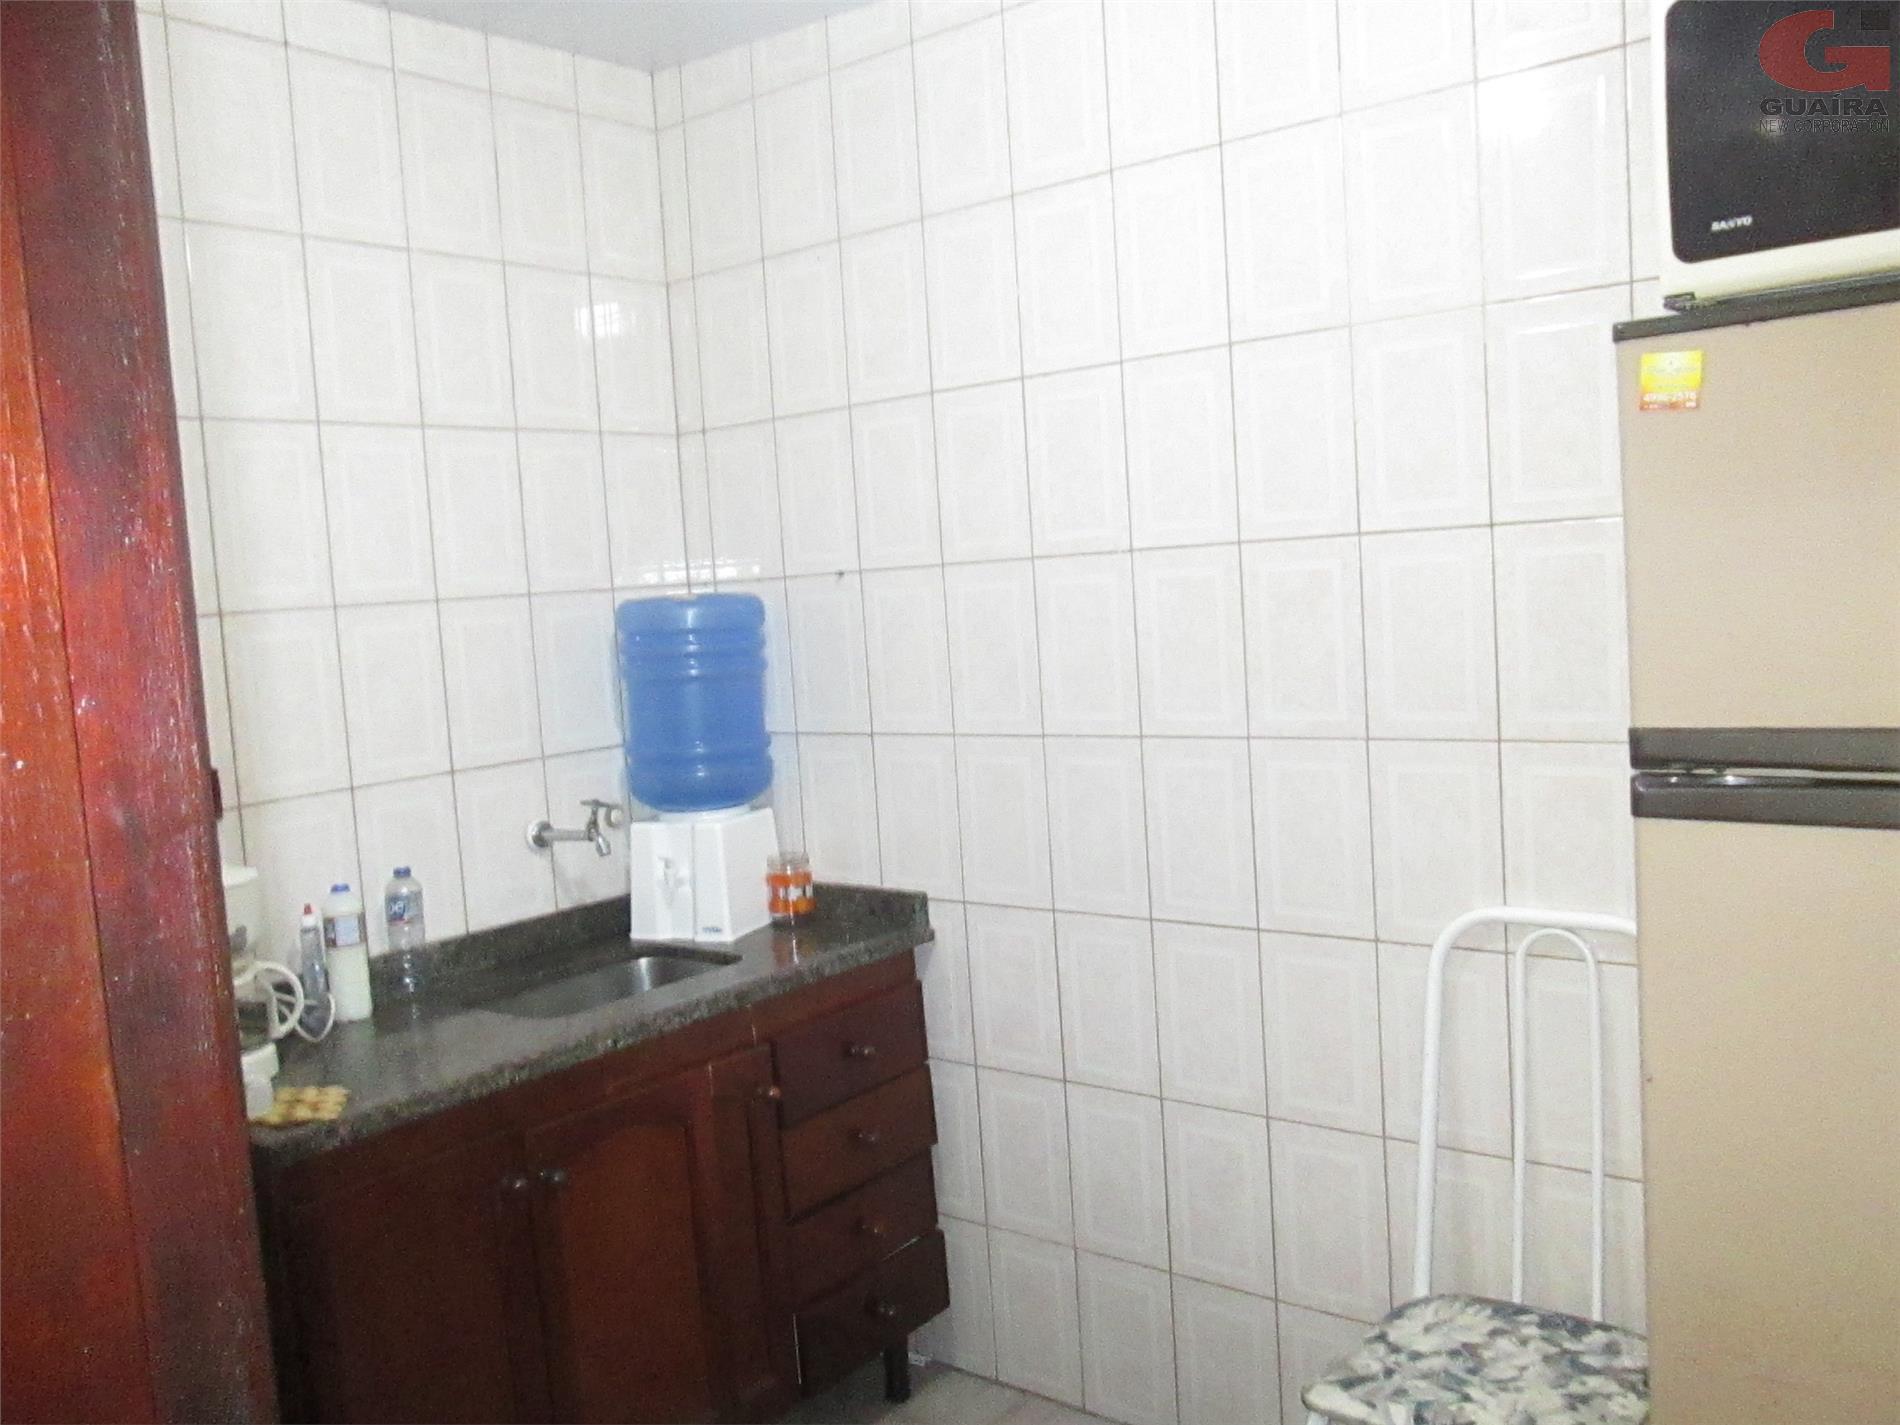 Sobrado de 3 dormitórios à venda em Vila Metalúrgica, Santo André - SP